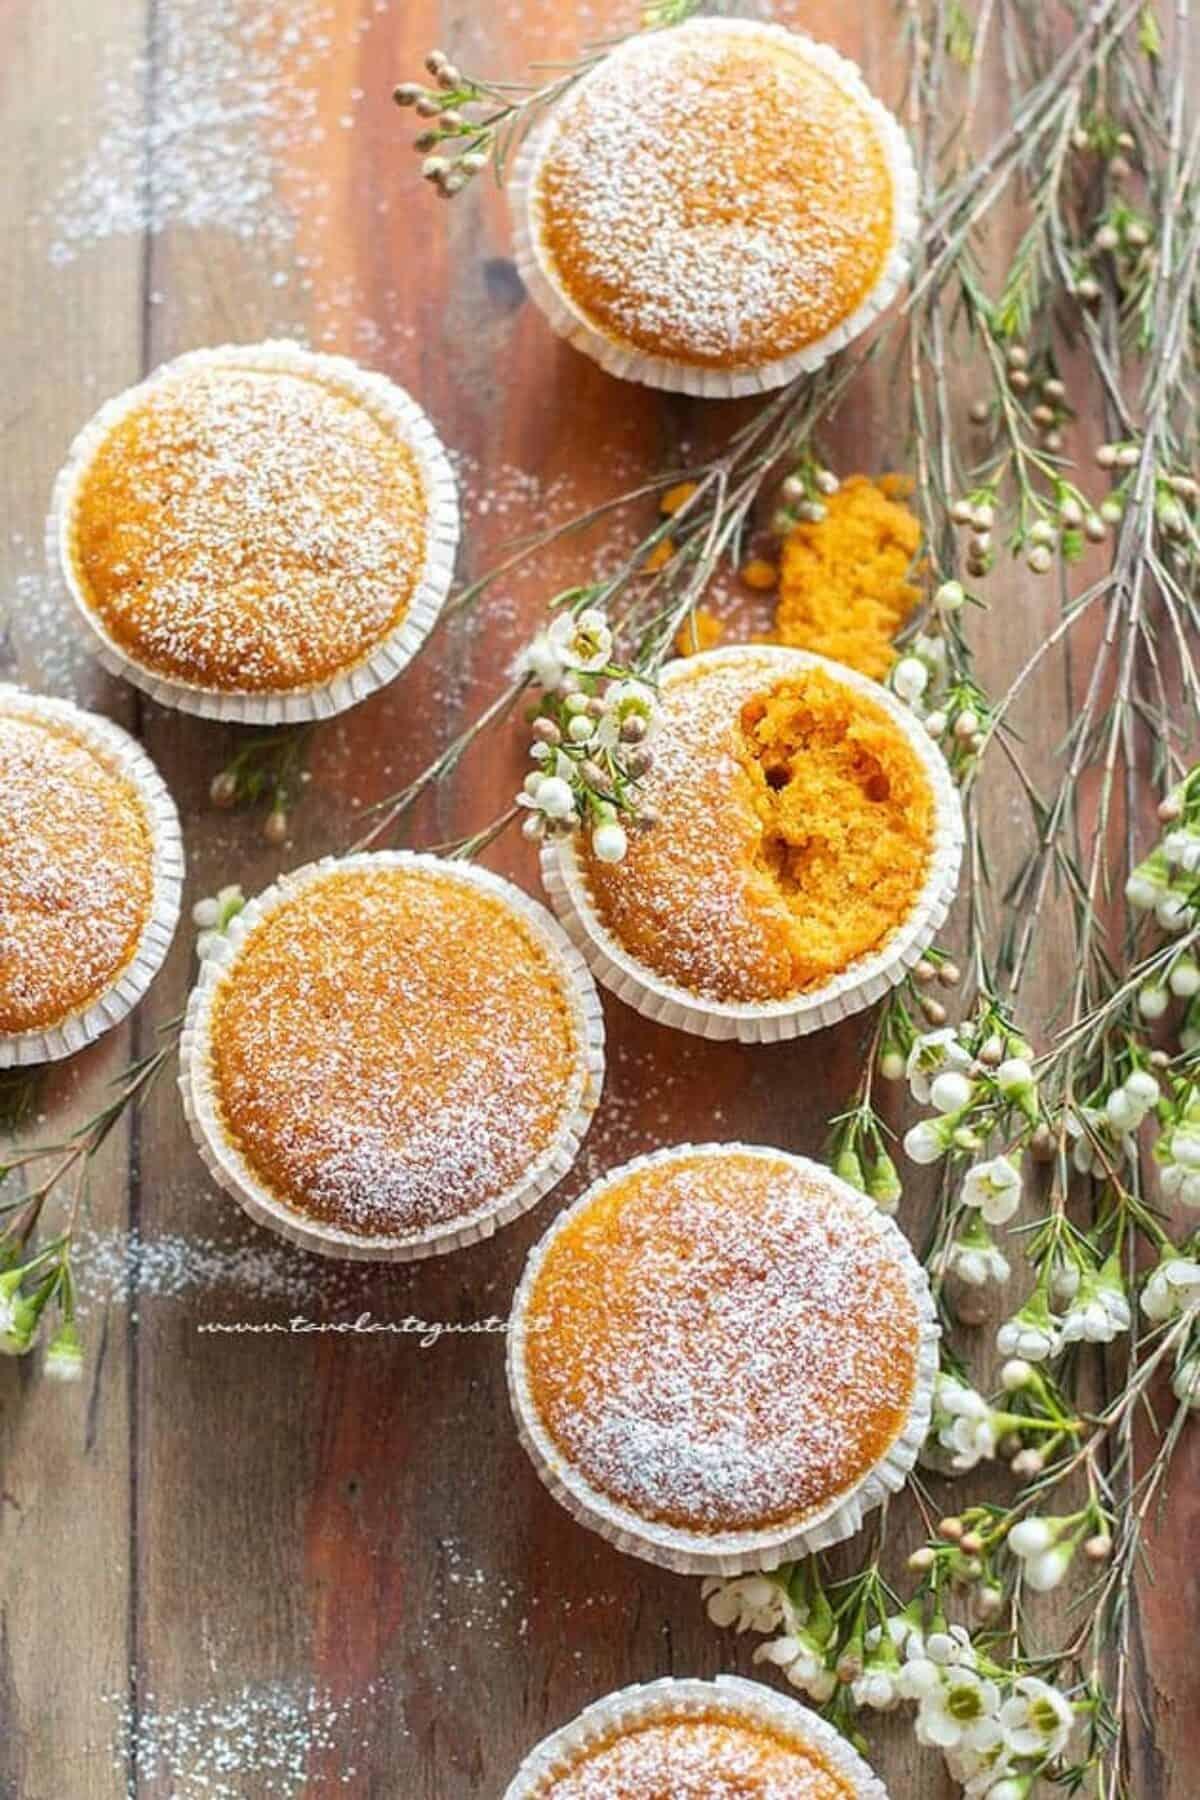 Ricetta Muffin Velocissimi.Muffin Alle Carote Soffici Golosi E Velocissimi Ricetta In 10 Minuti